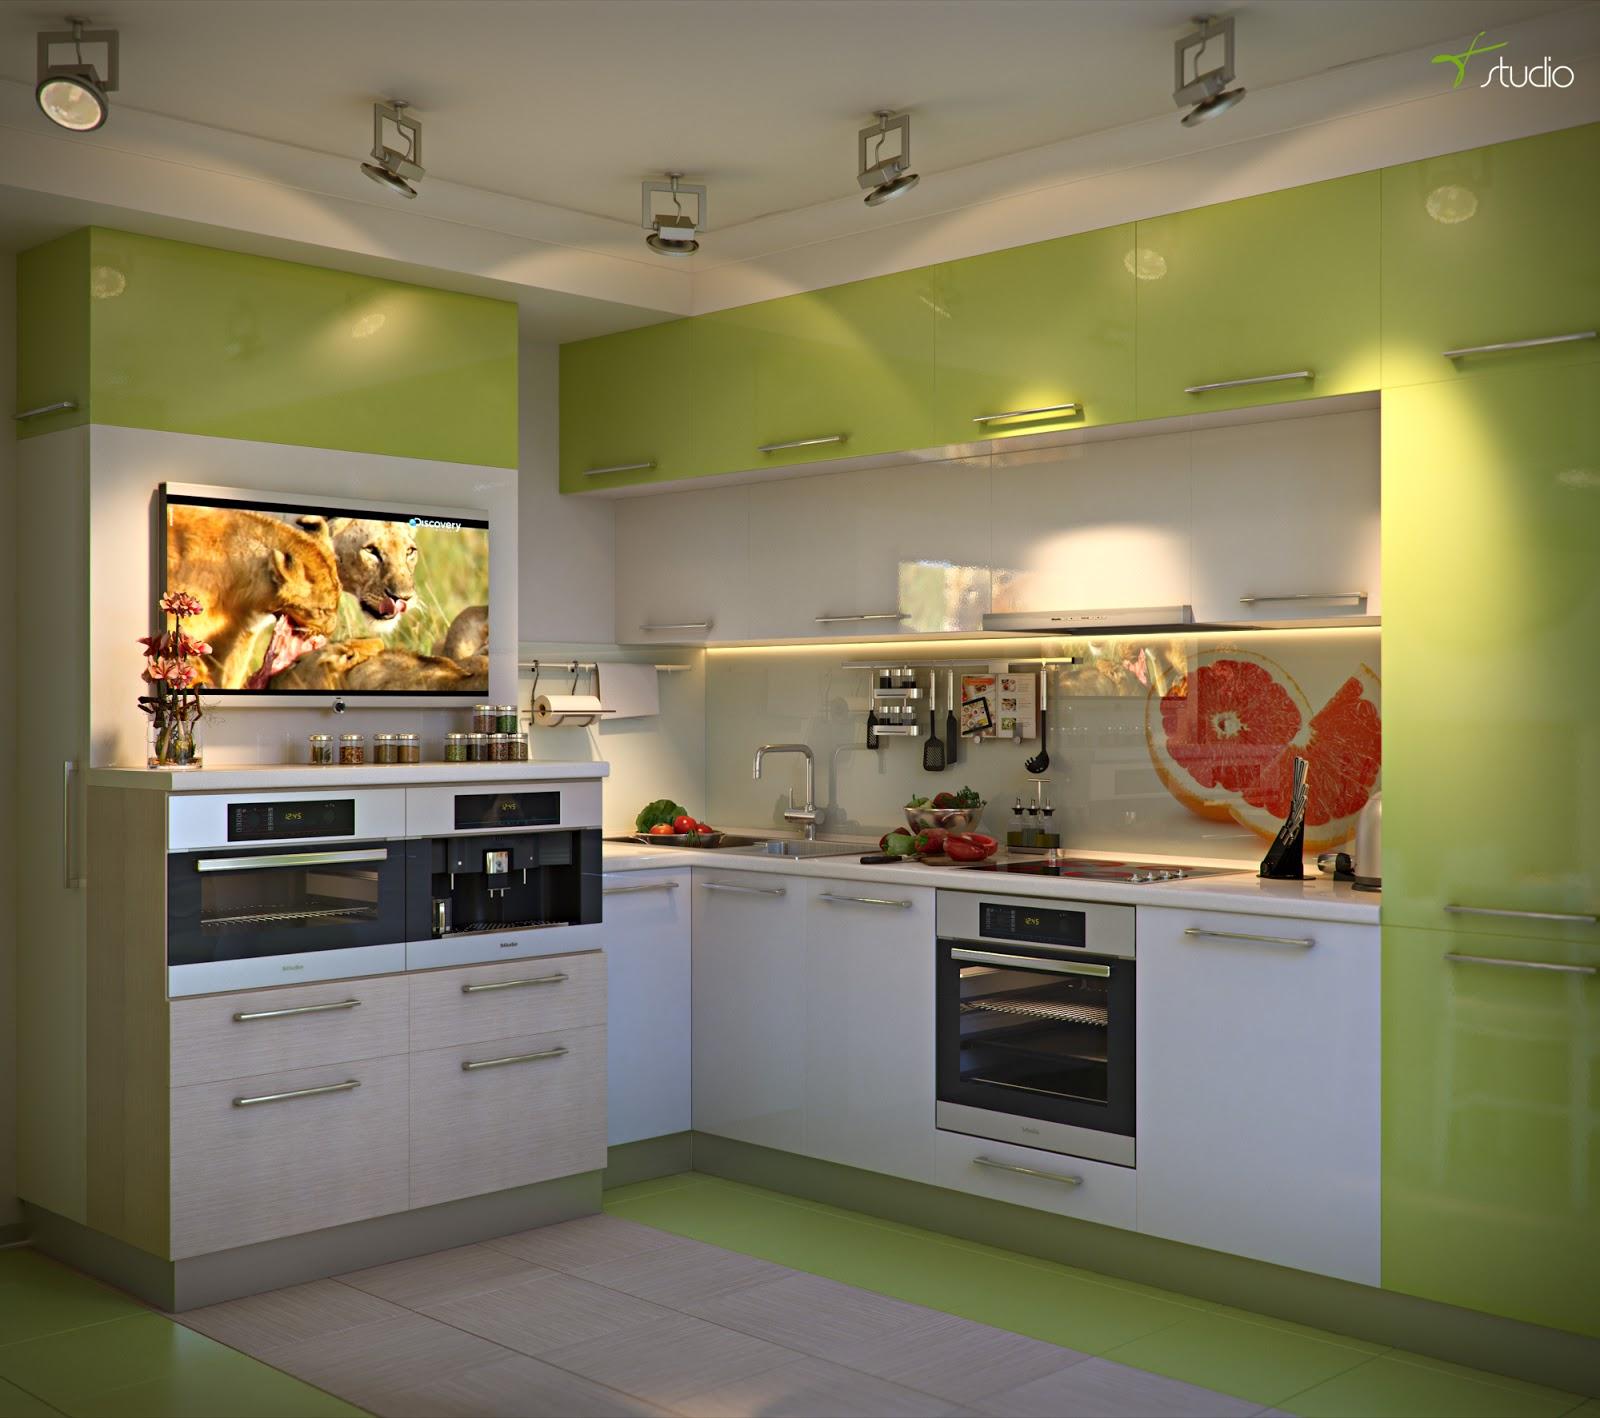 kitchen visualisation design  3ds max     nickbarron co  100  3ds max kitchen design images   my blog   best      rh   nickbarron co